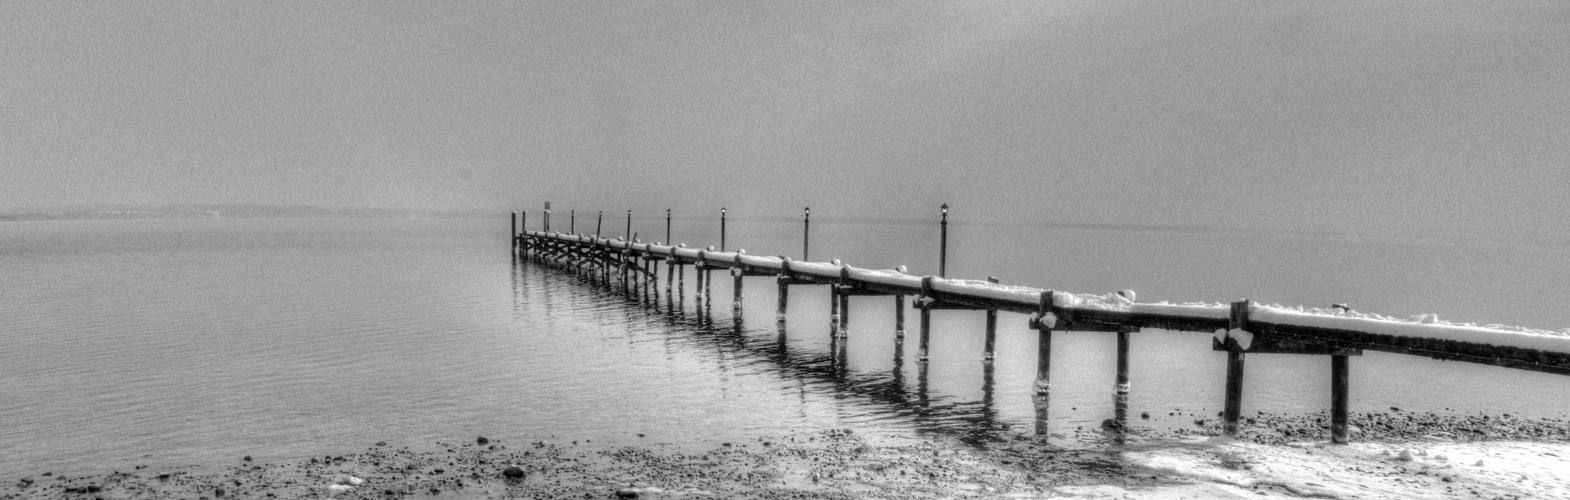 Chiemsee, Steg im Winter